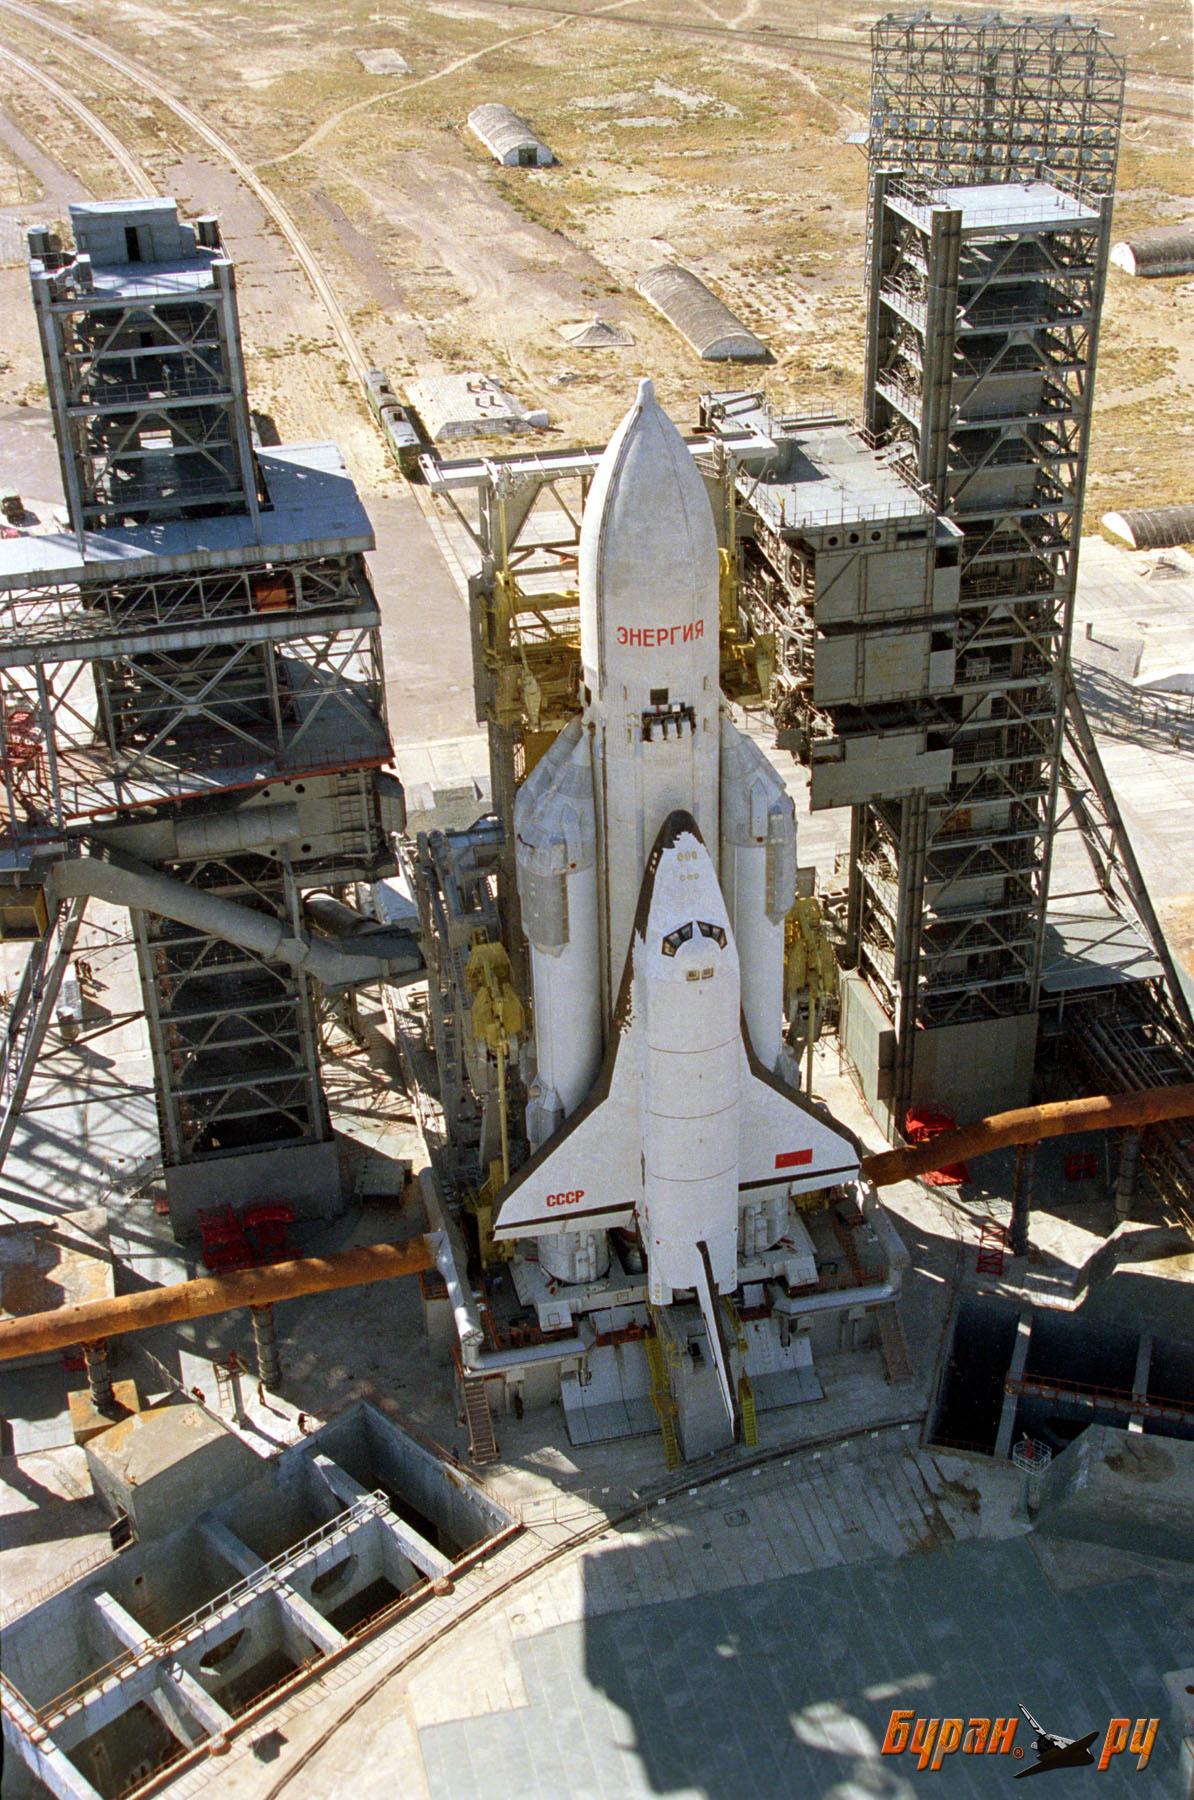 space shuttle program era - photo #44